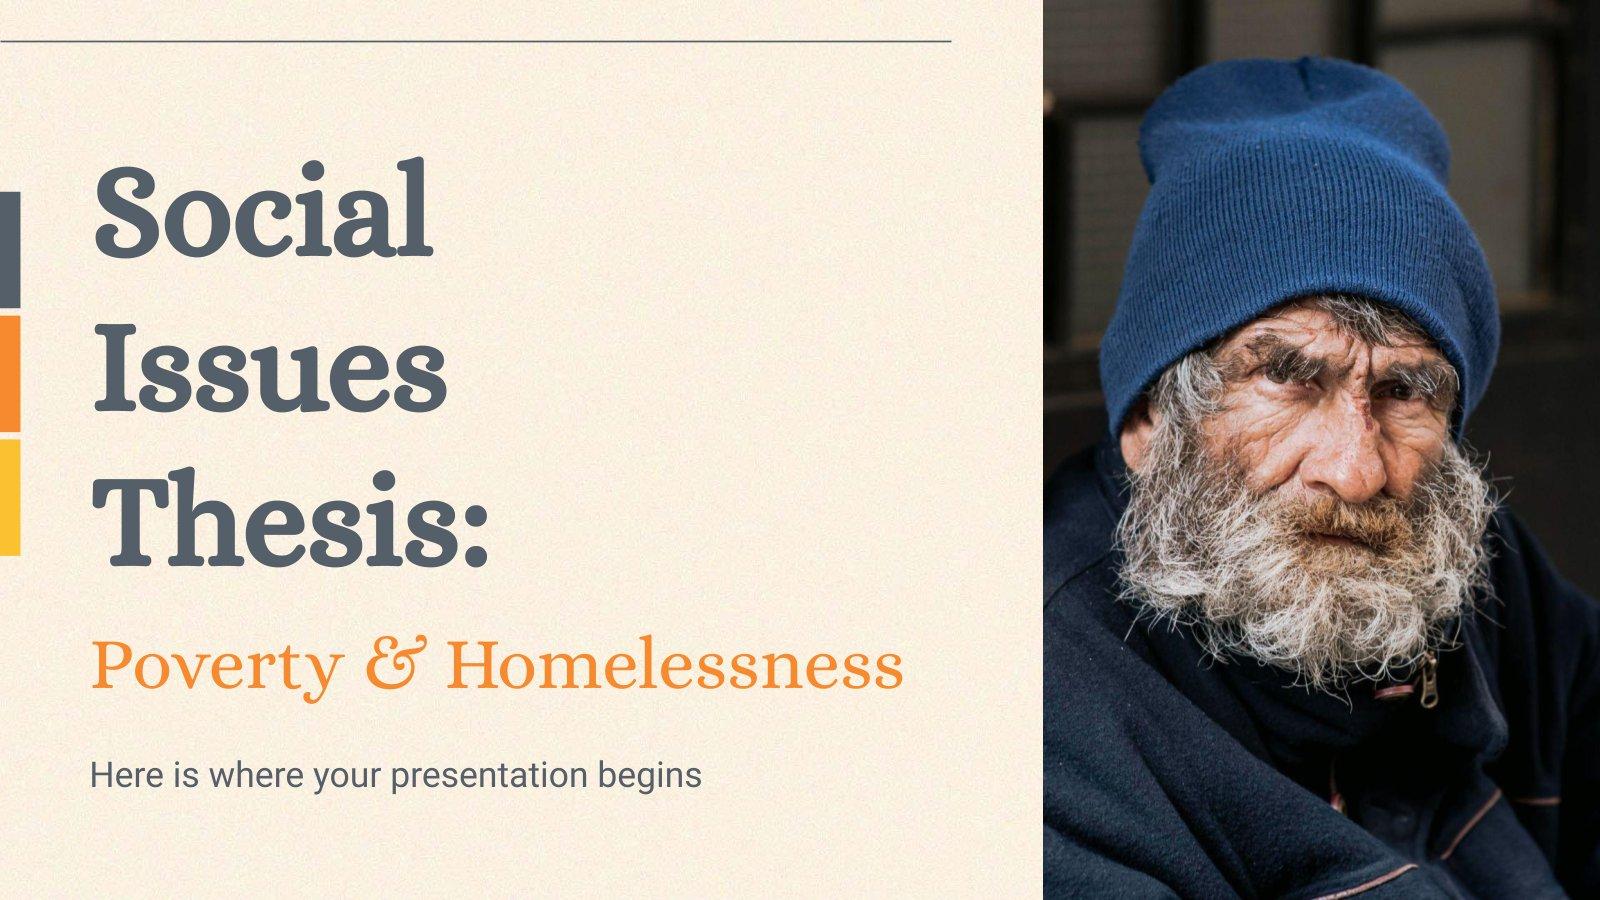 Plantilla de presentación Tesis sobre problemas sociales: Pobreza